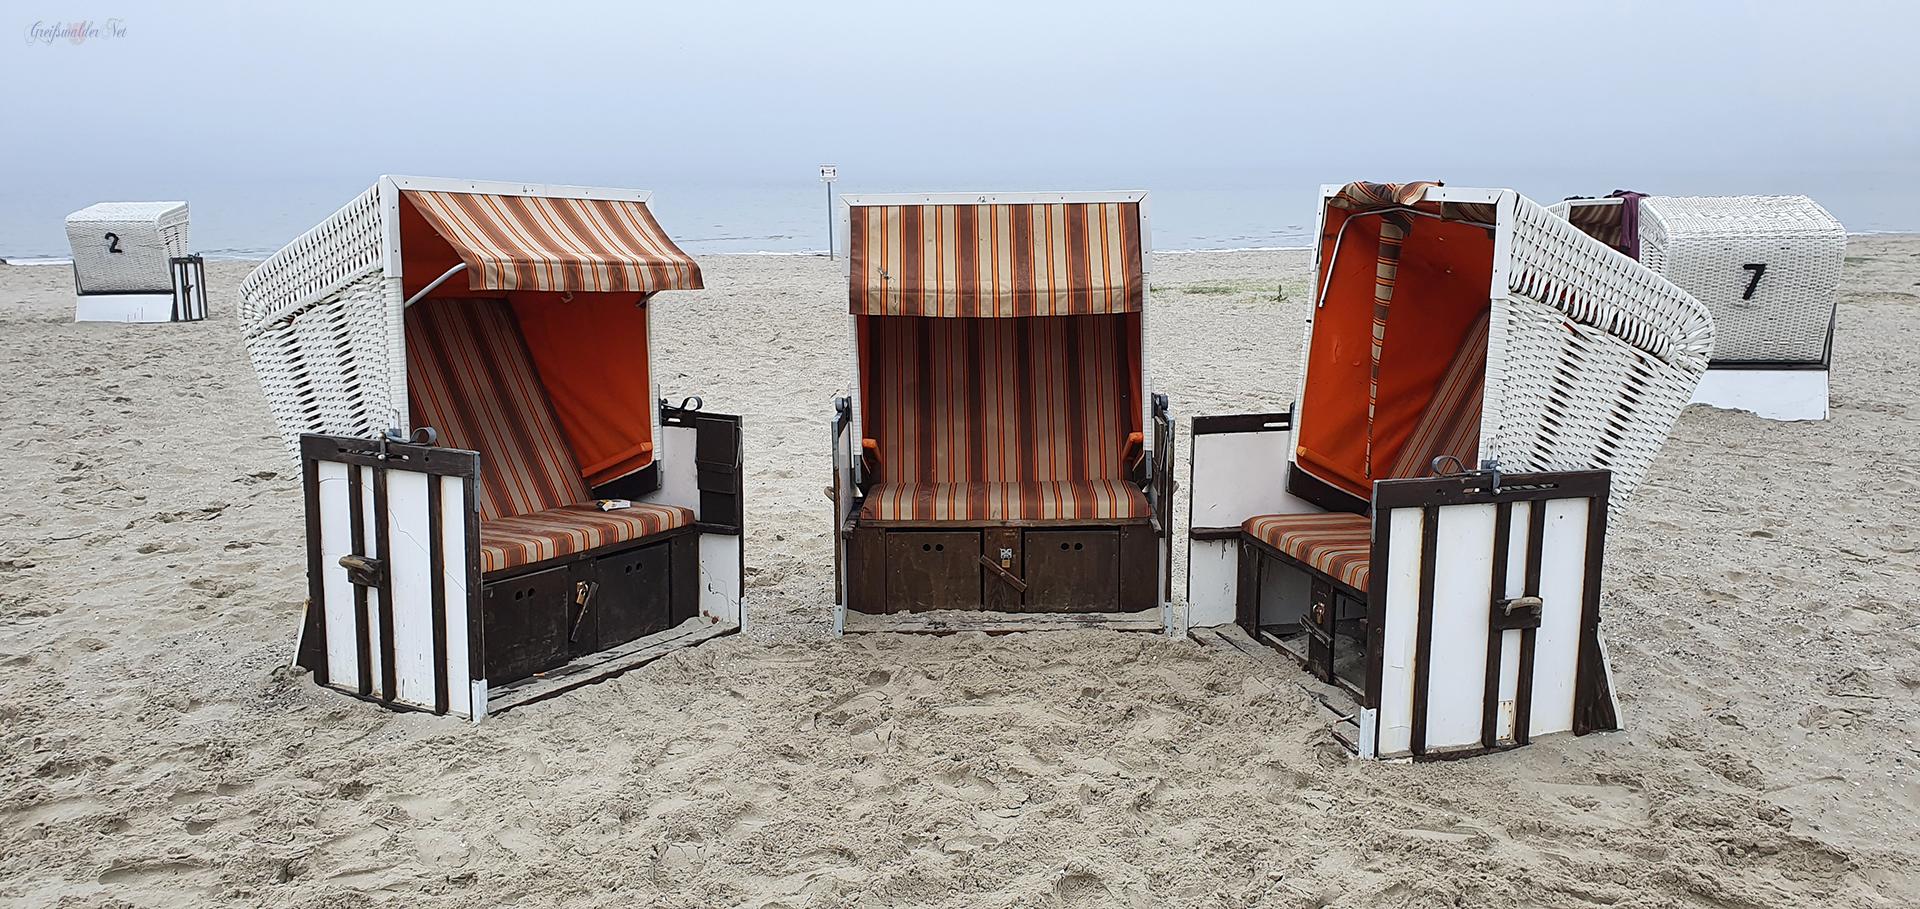 Strandkörbe bei leichtem Nebel am Strand in Greifswald-Eldena